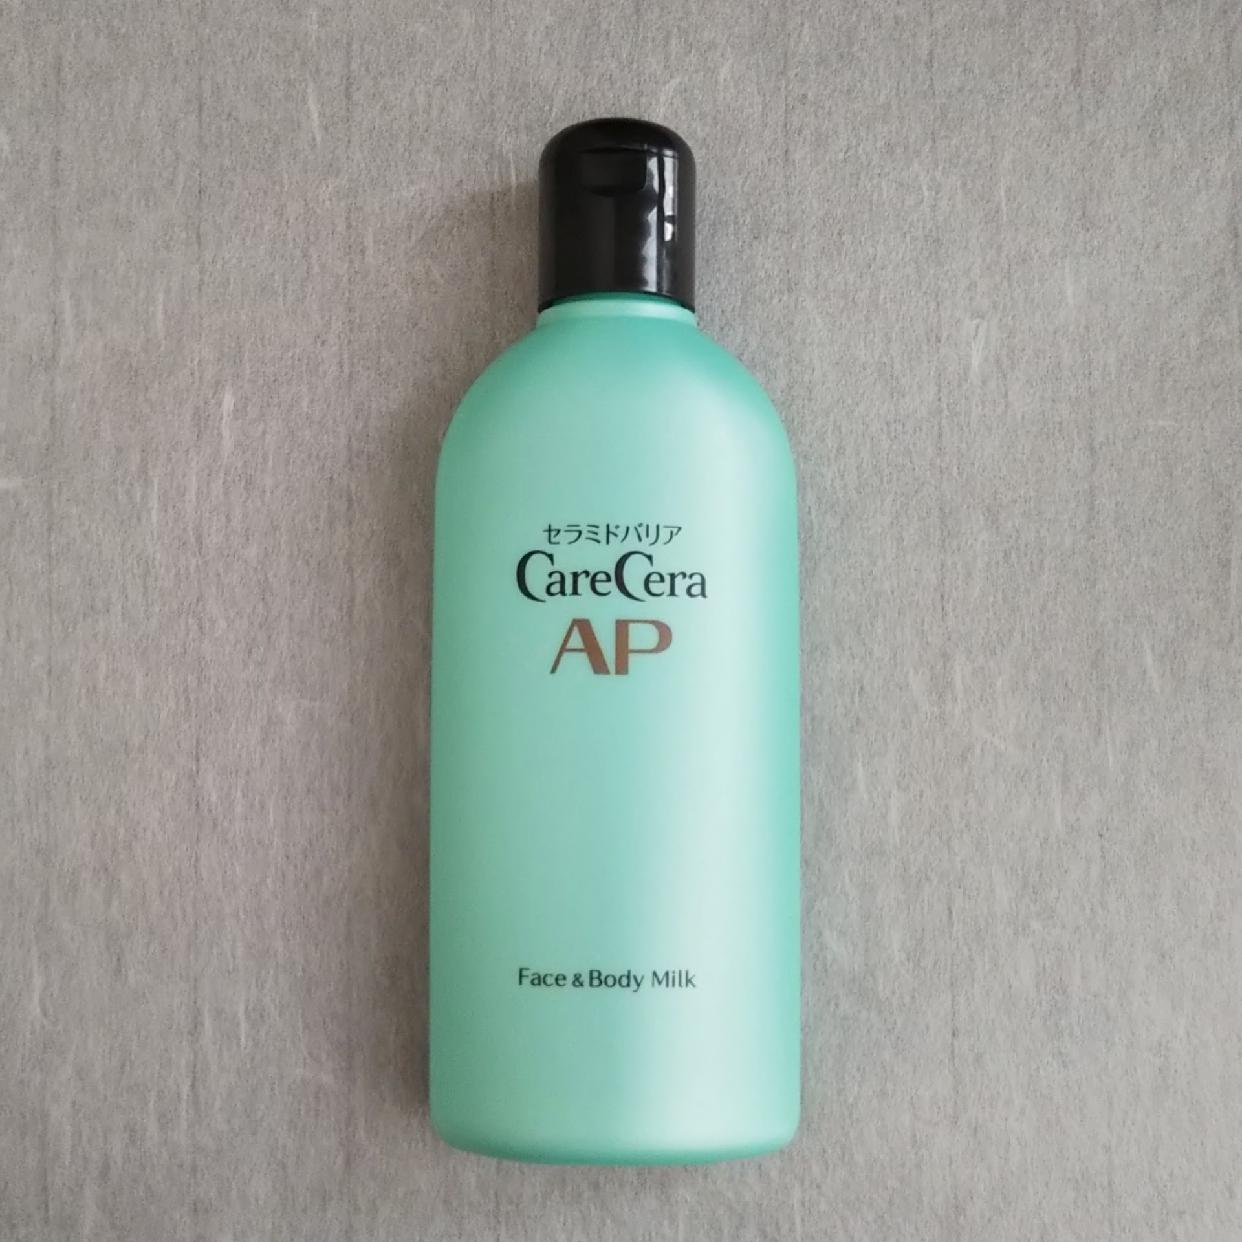 CareCera(ケアセラ) APフェイス&ボディ乳液の良い点・メリットに関するmaikoさんの口コミ画像1